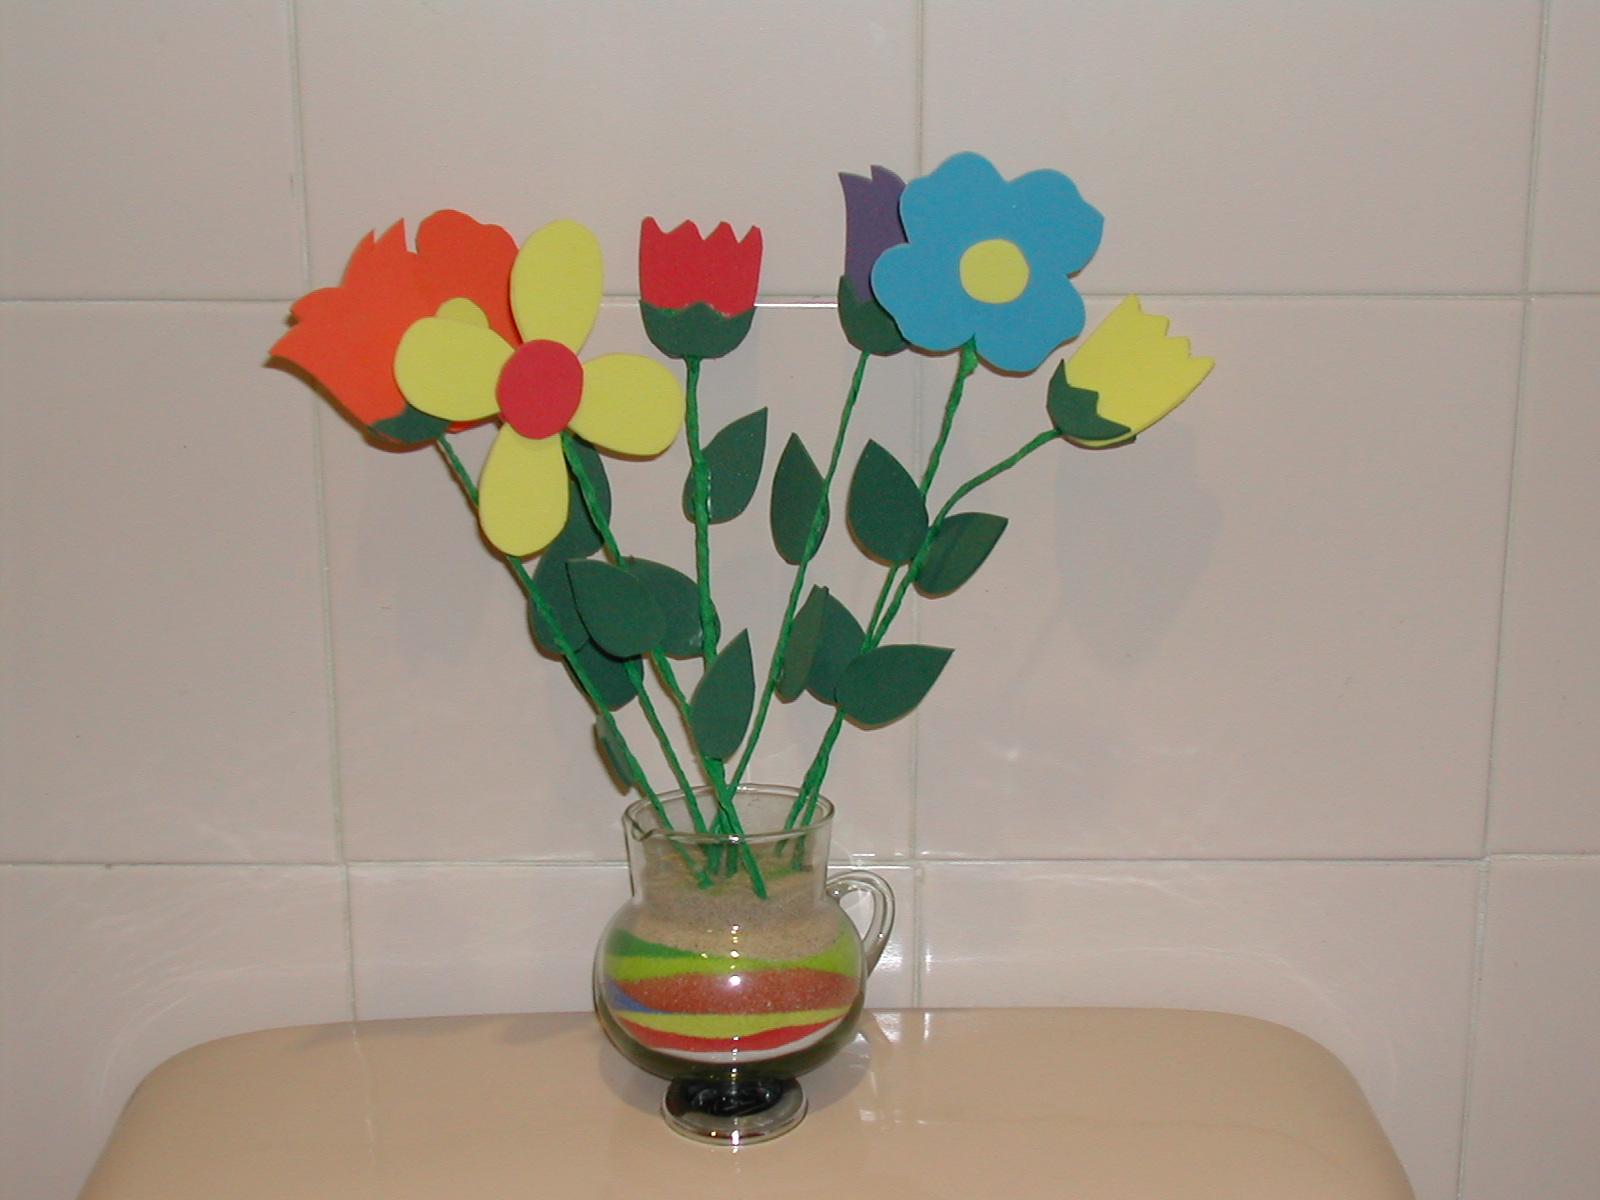 adornado con arenas de colores y con flores hechas de goma eva